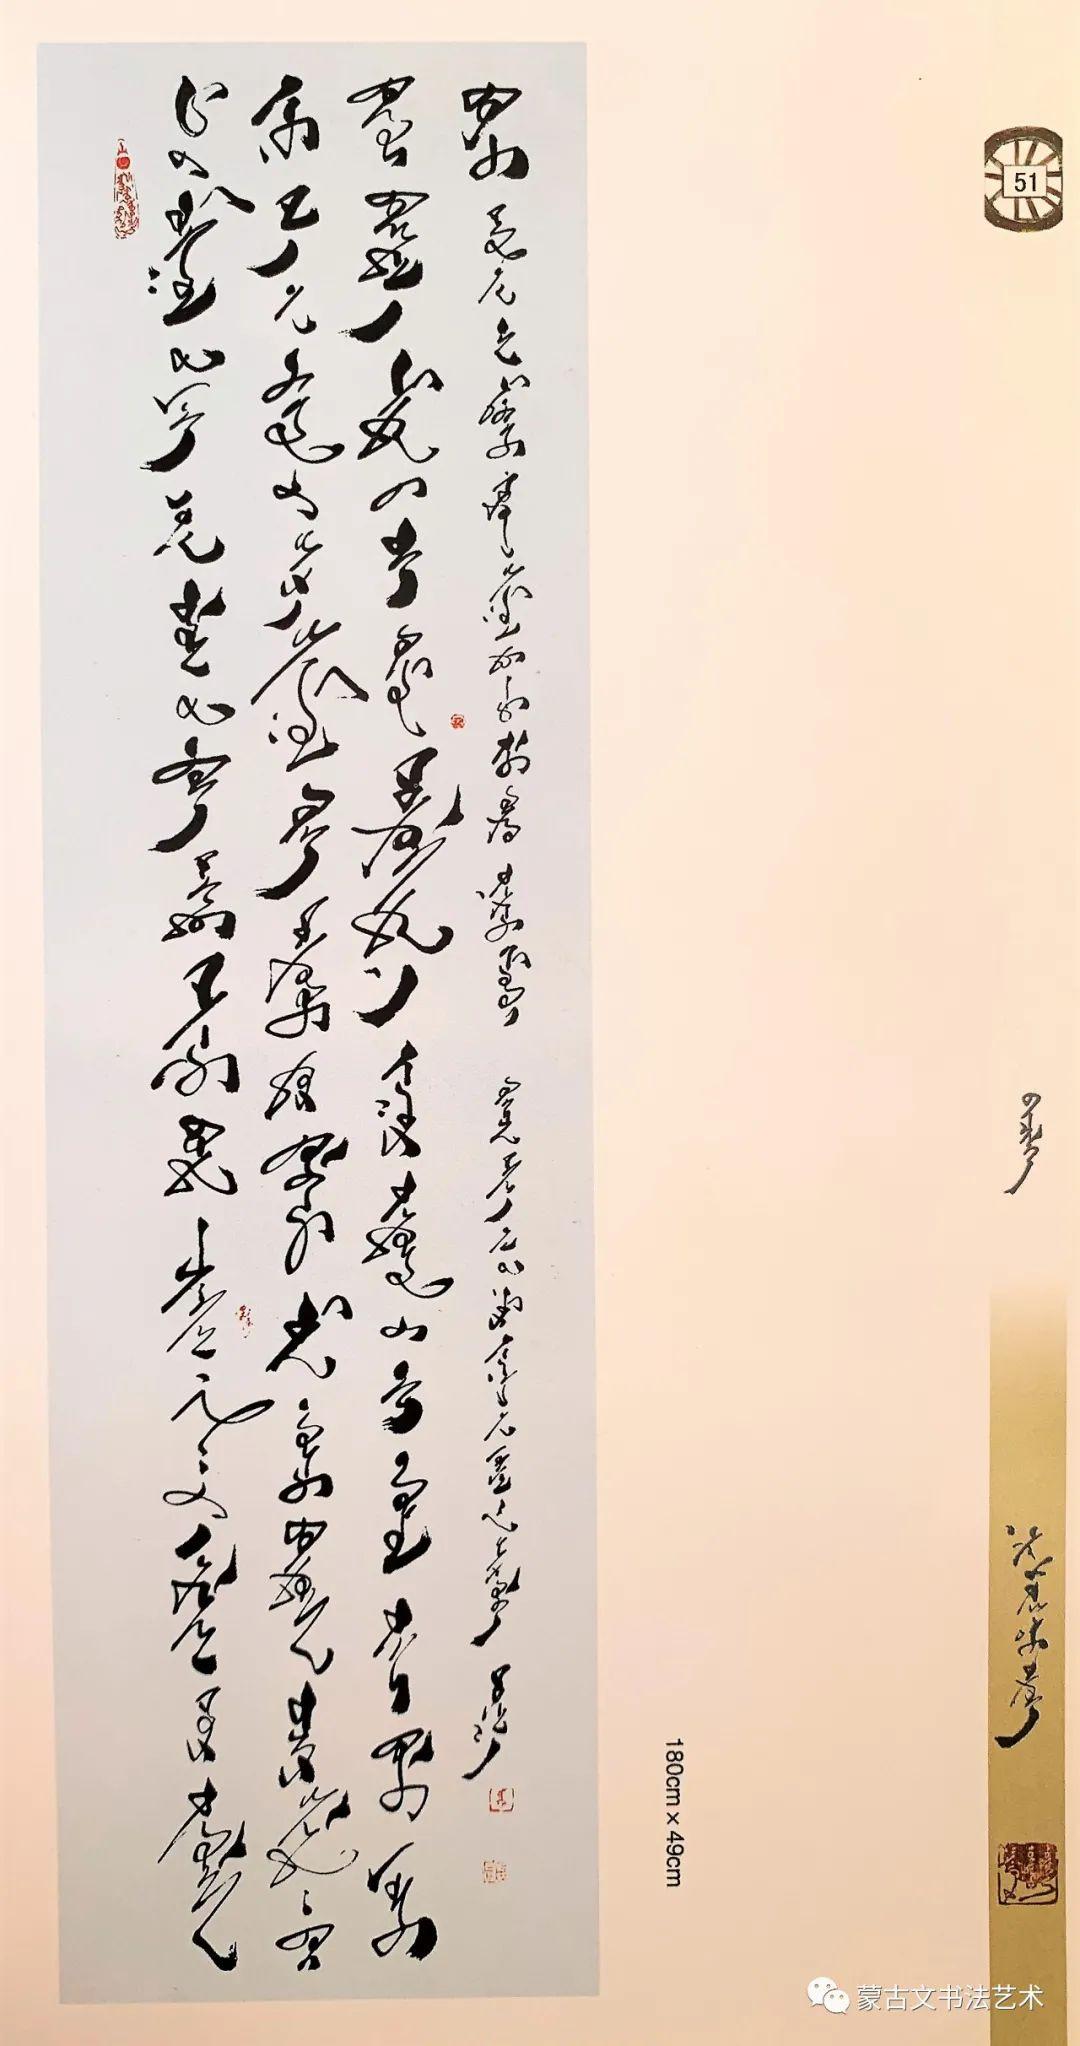 书法书籍——【图雅作品集】 第6张